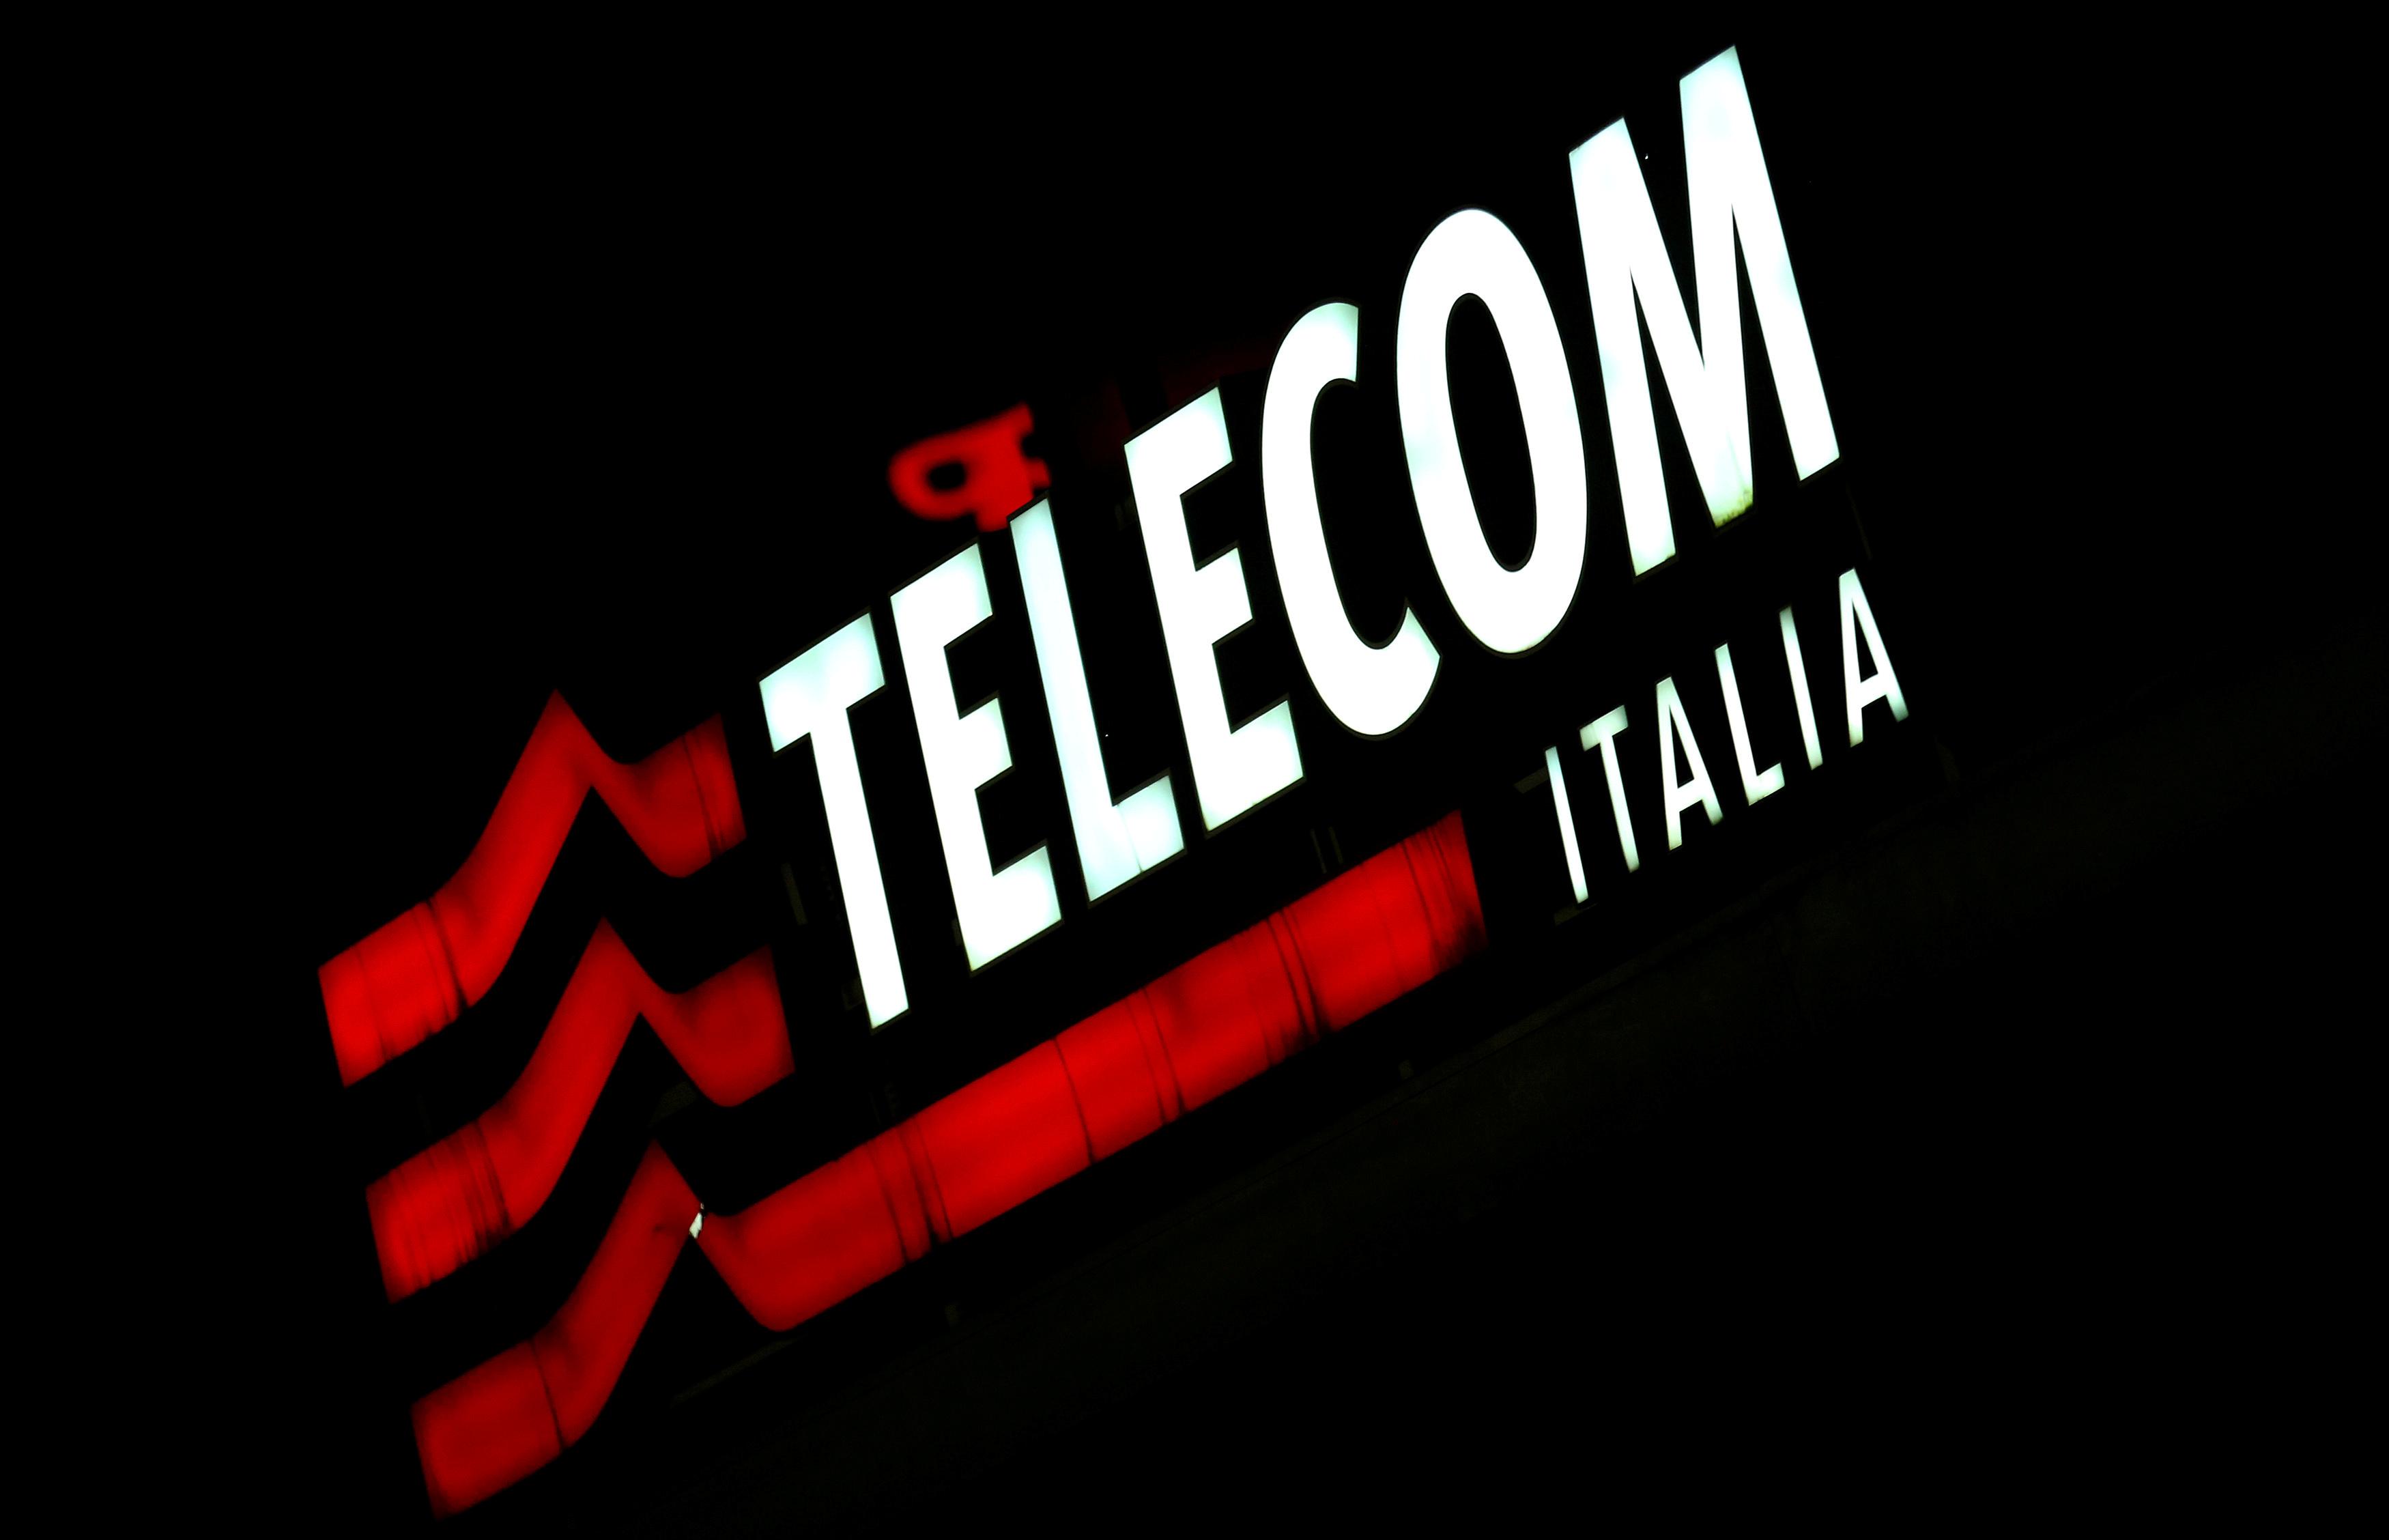 Elliott wins partial victory at Telecom Italia